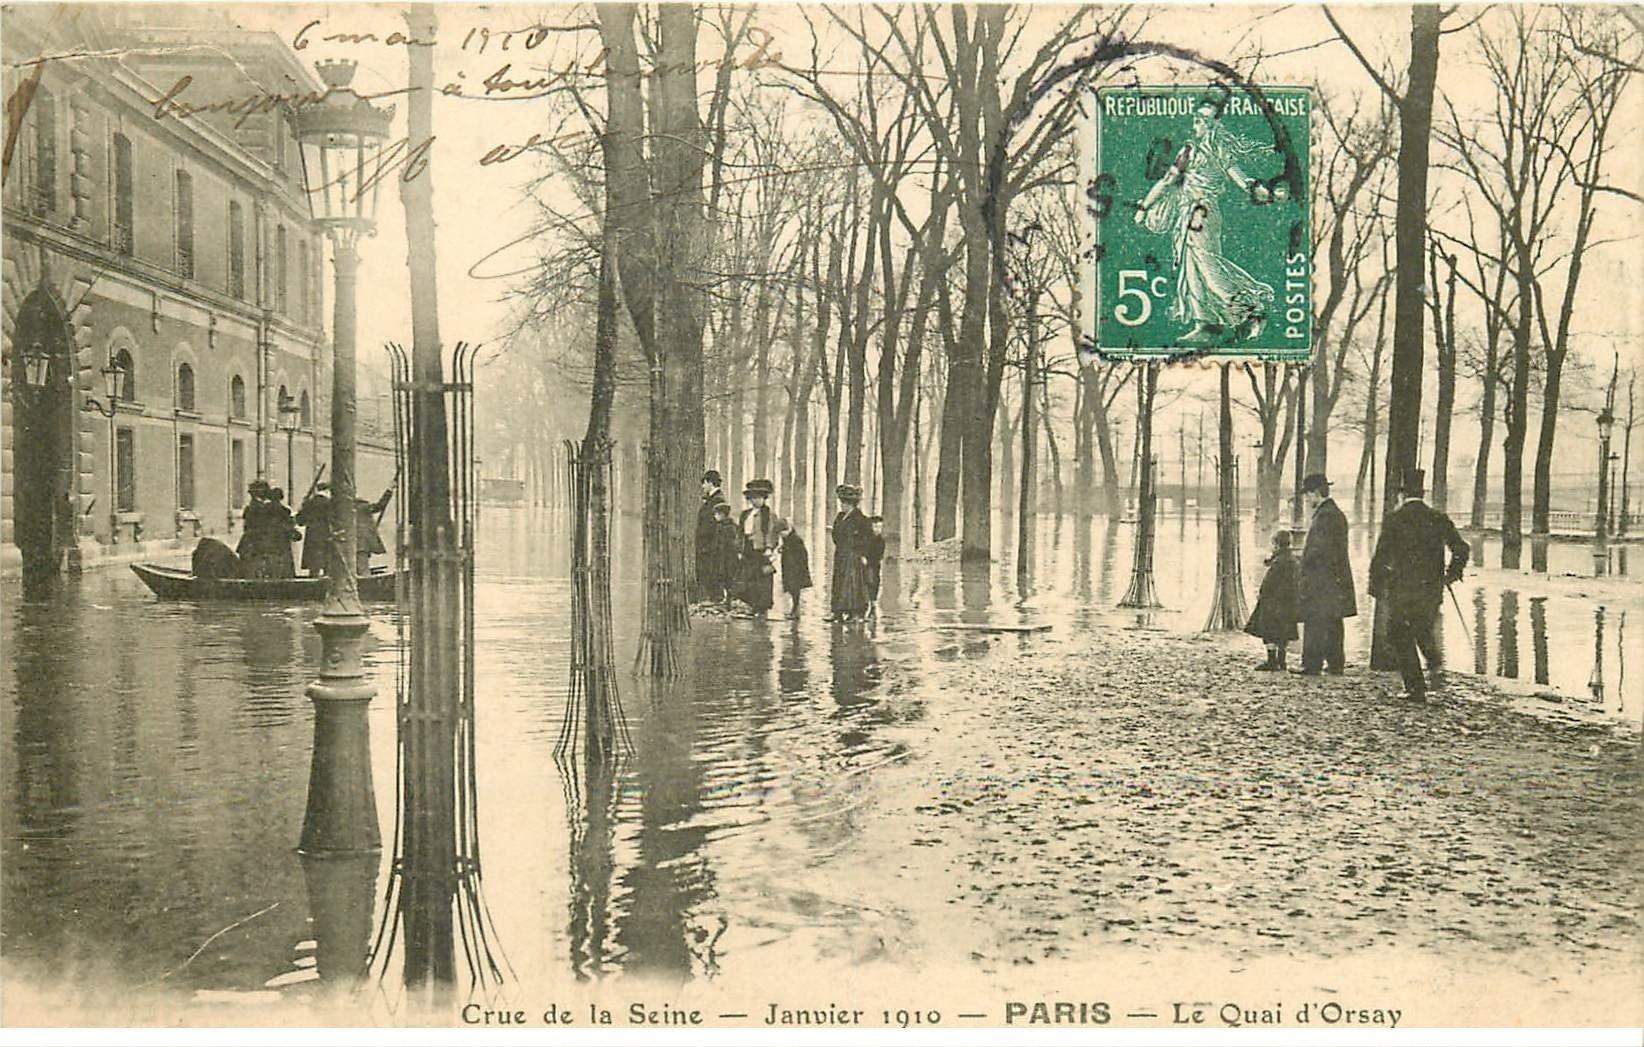 carte postale ancienne INONDATION ET CRUE PARIS 1910. Passeurs au Quai d'Orsay